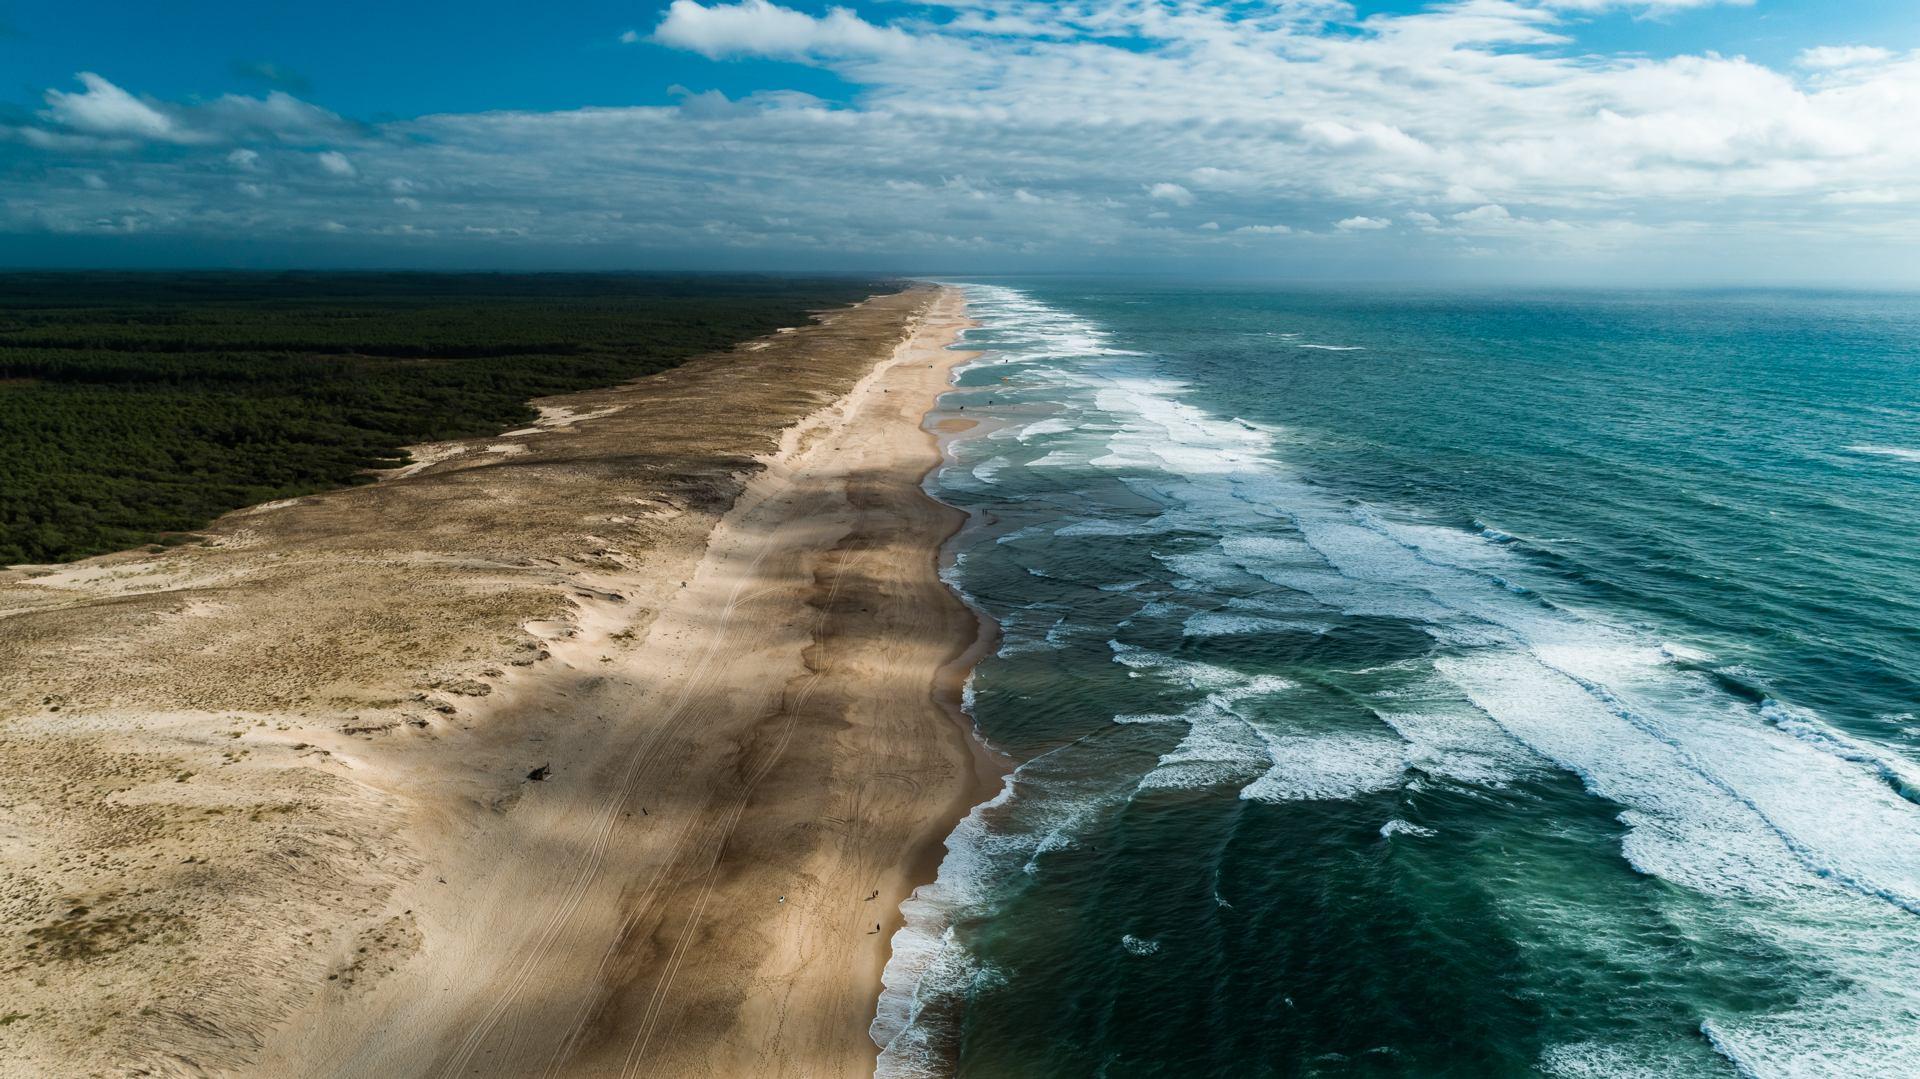 L'océan, une plage, des pins, des hommes.jpg